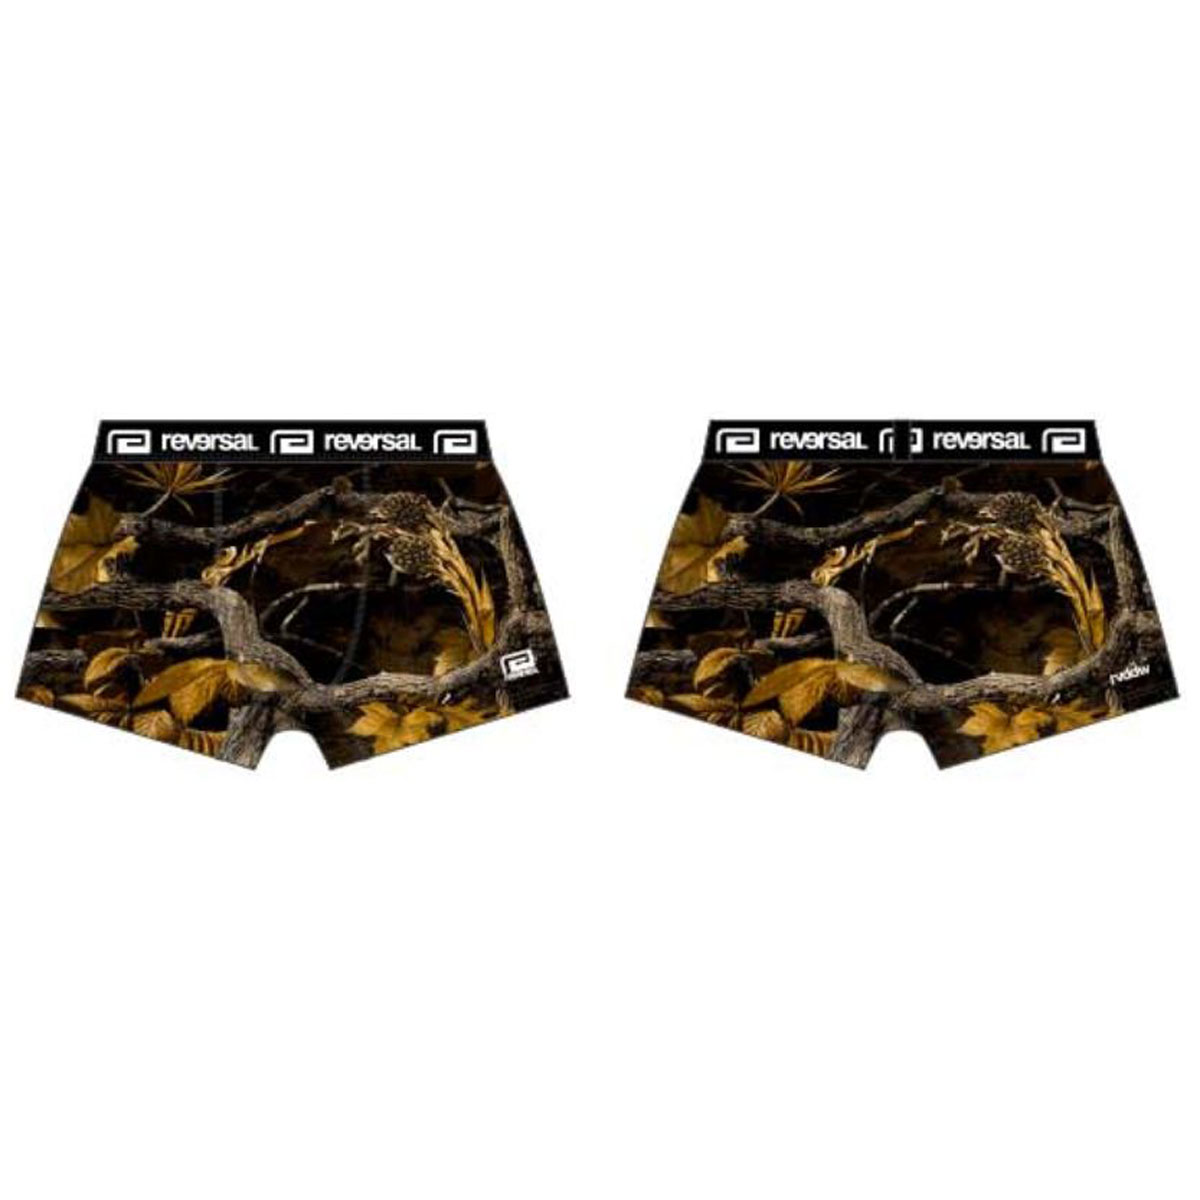 予約商品 11月頃入荷予定 リバーサル アンダーウェア メンズ 正規販売店 REVERSAL ボクサーパンツ インナー 下着 LOGO BELT BOXER PANTS rv21aw712 B.CAMO A06B B1C C7D D2E E13F